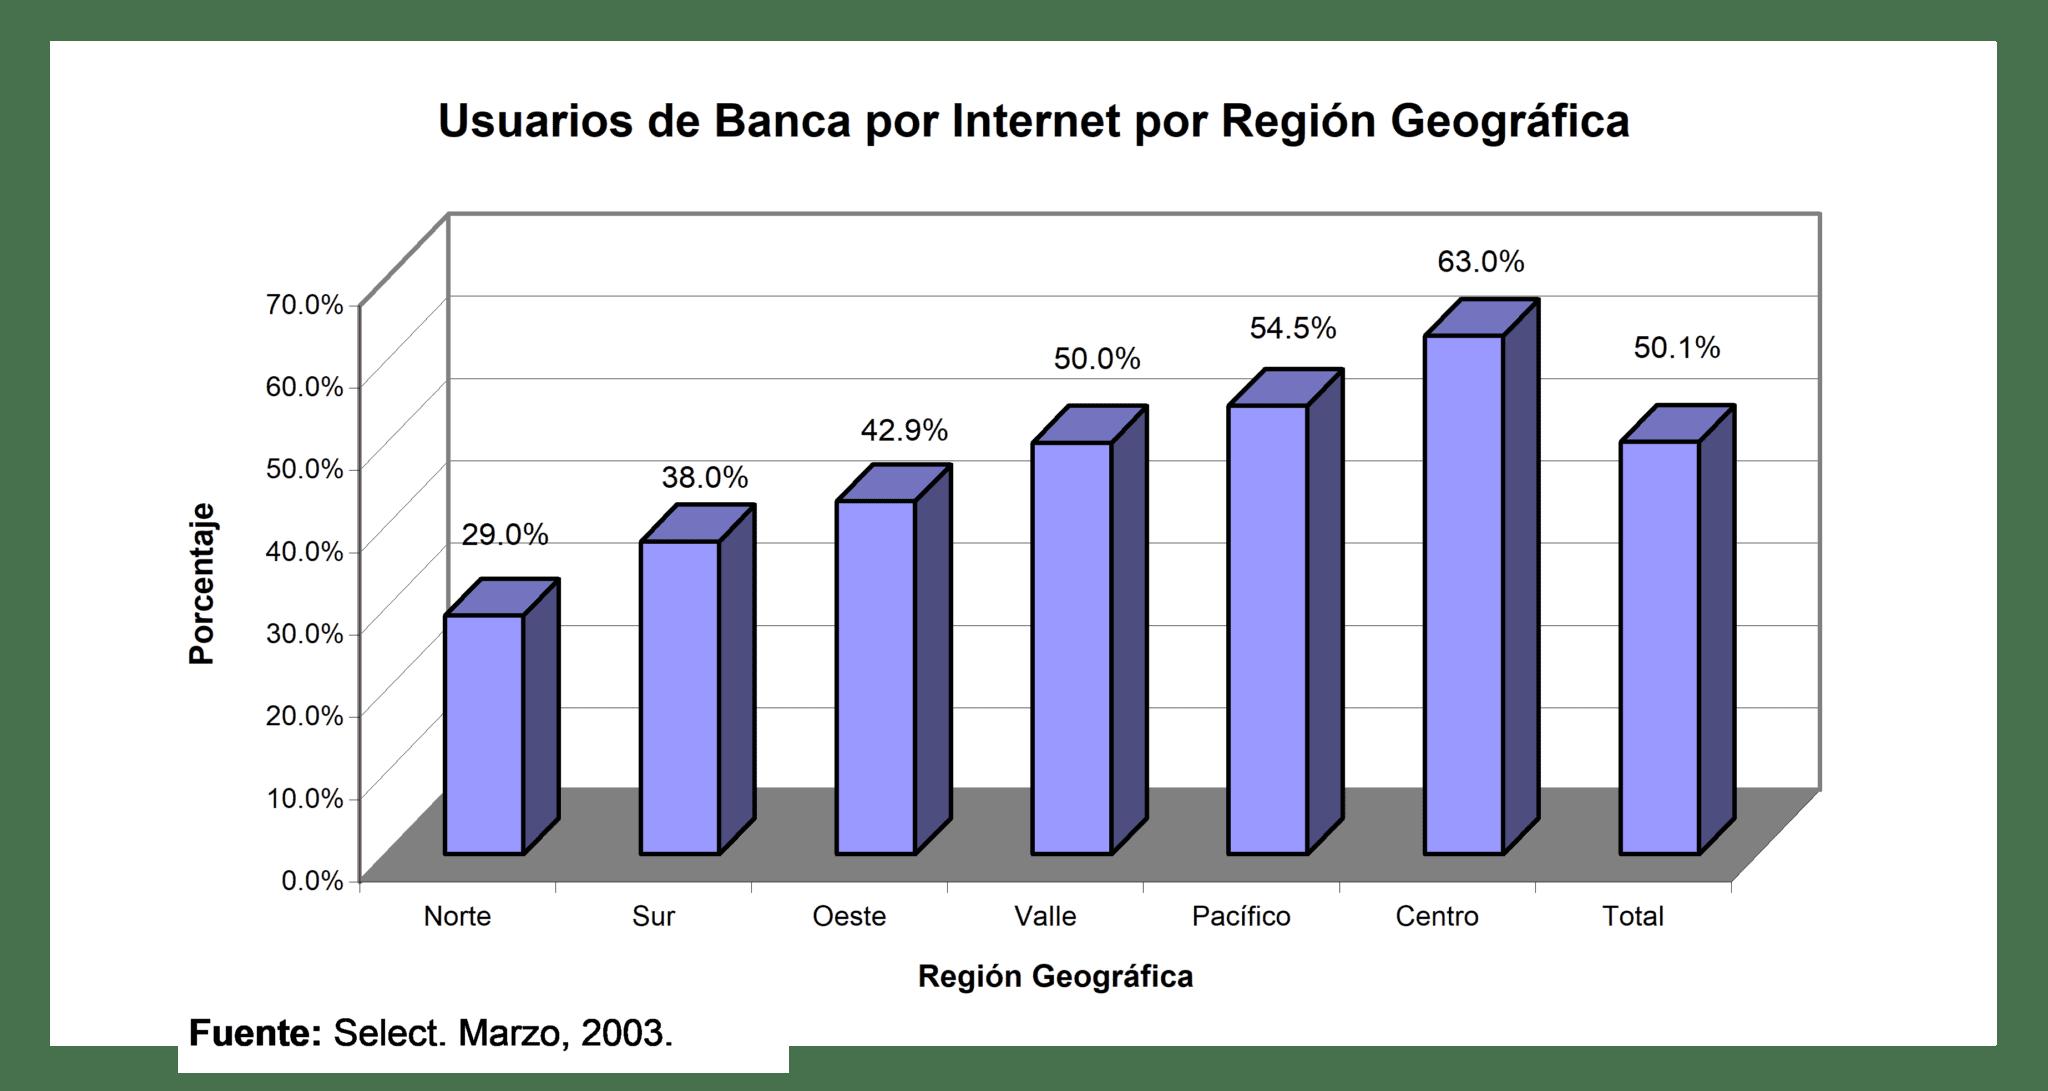 Usuarios Banca Internet según región geográfica